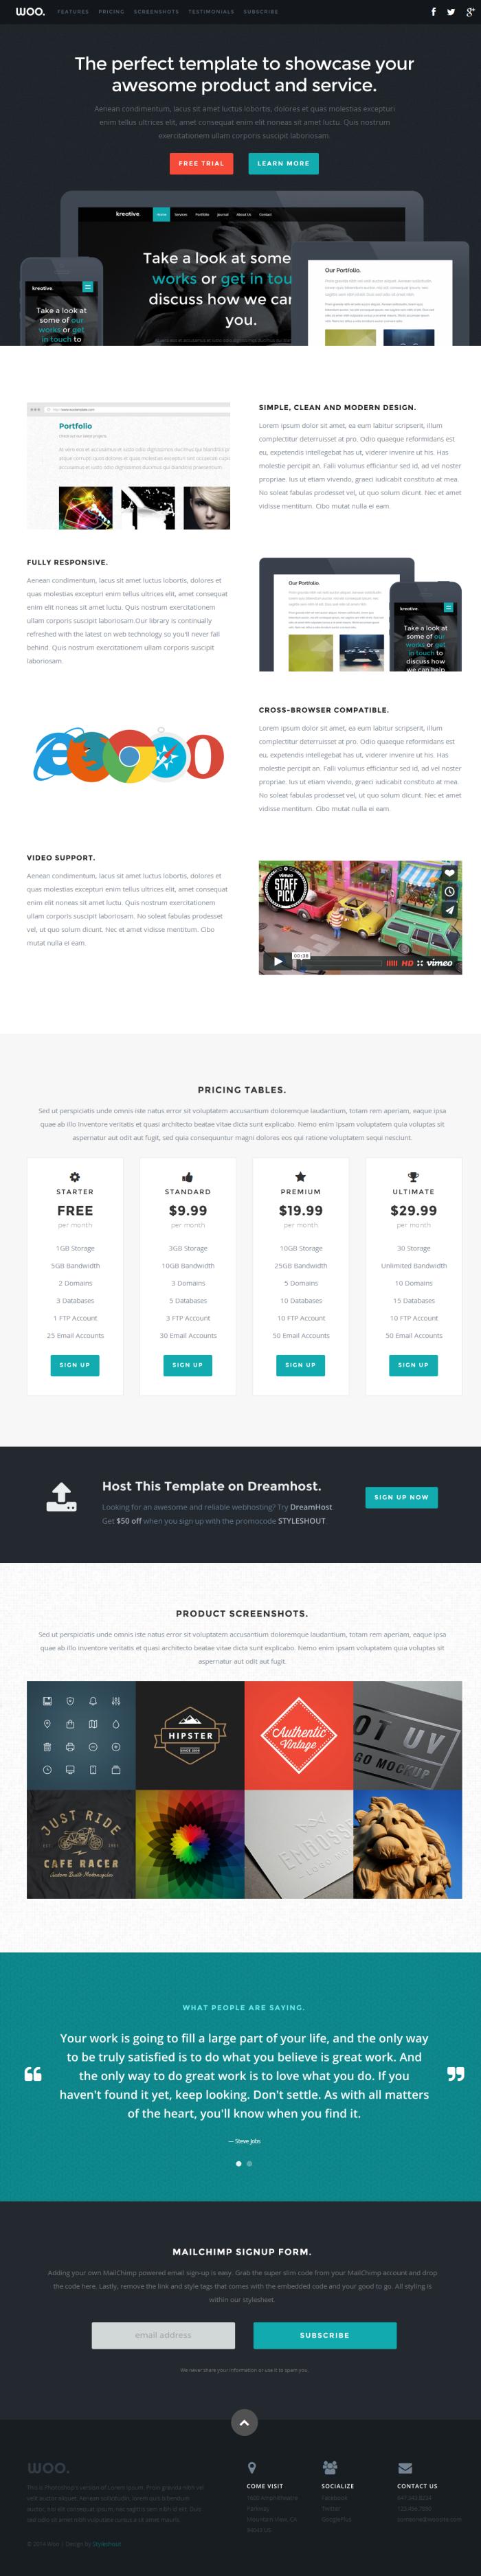 Woo Landing page (HTML5/CSS3) скачать бесплатно